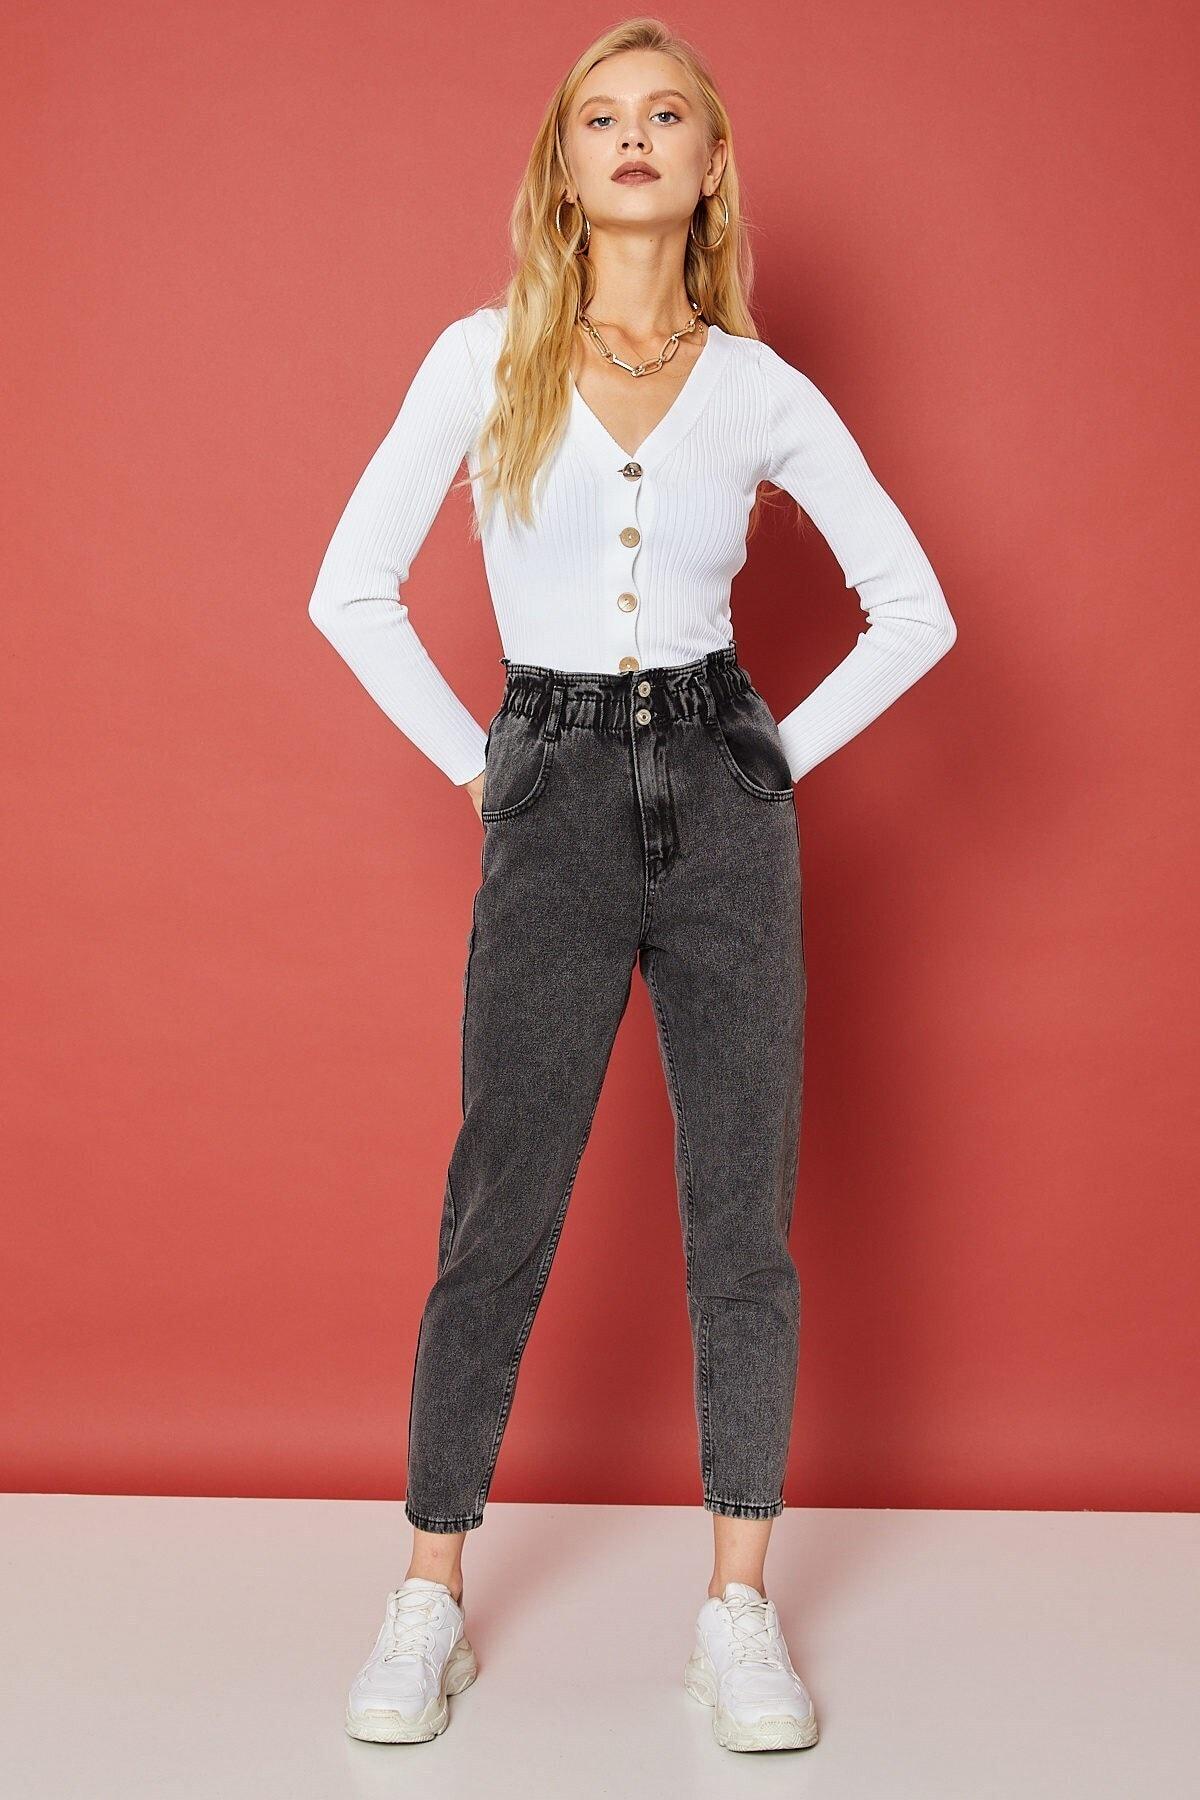 Arma Life Kadın Füme Beli Büzgülü Çift Düğmeli Pantolon 1